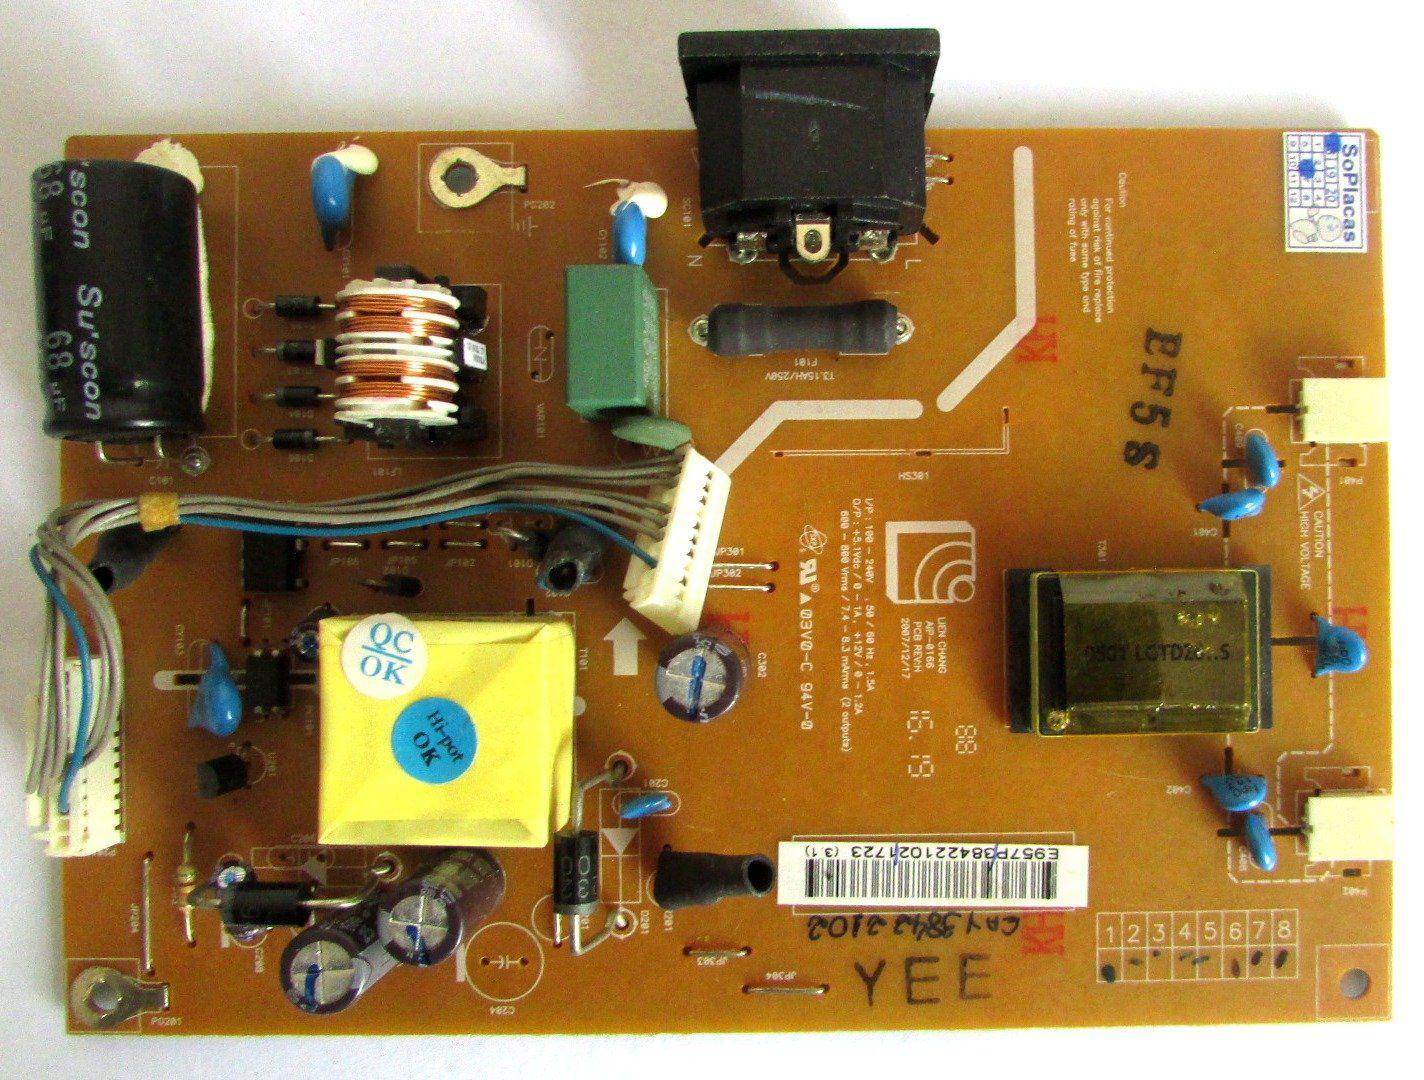 Placa Fonte Monitor LG L1653t PN: 03v0-b 94v-0 - Retirado